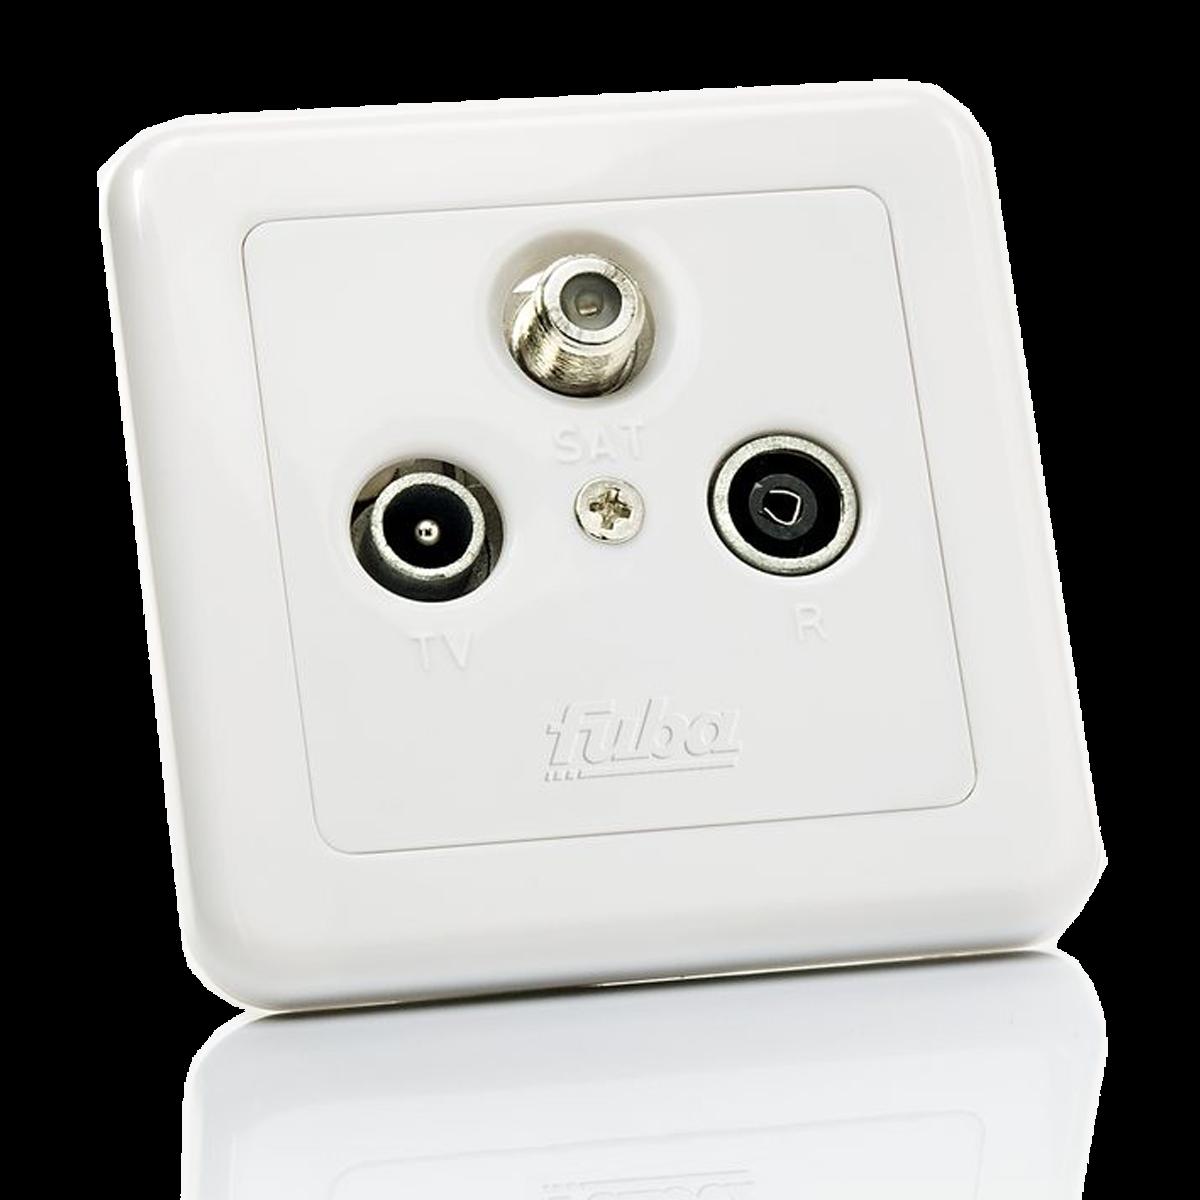 Utičnica, TV / SAT / FM, 5 - 2400MHz, 1 dB